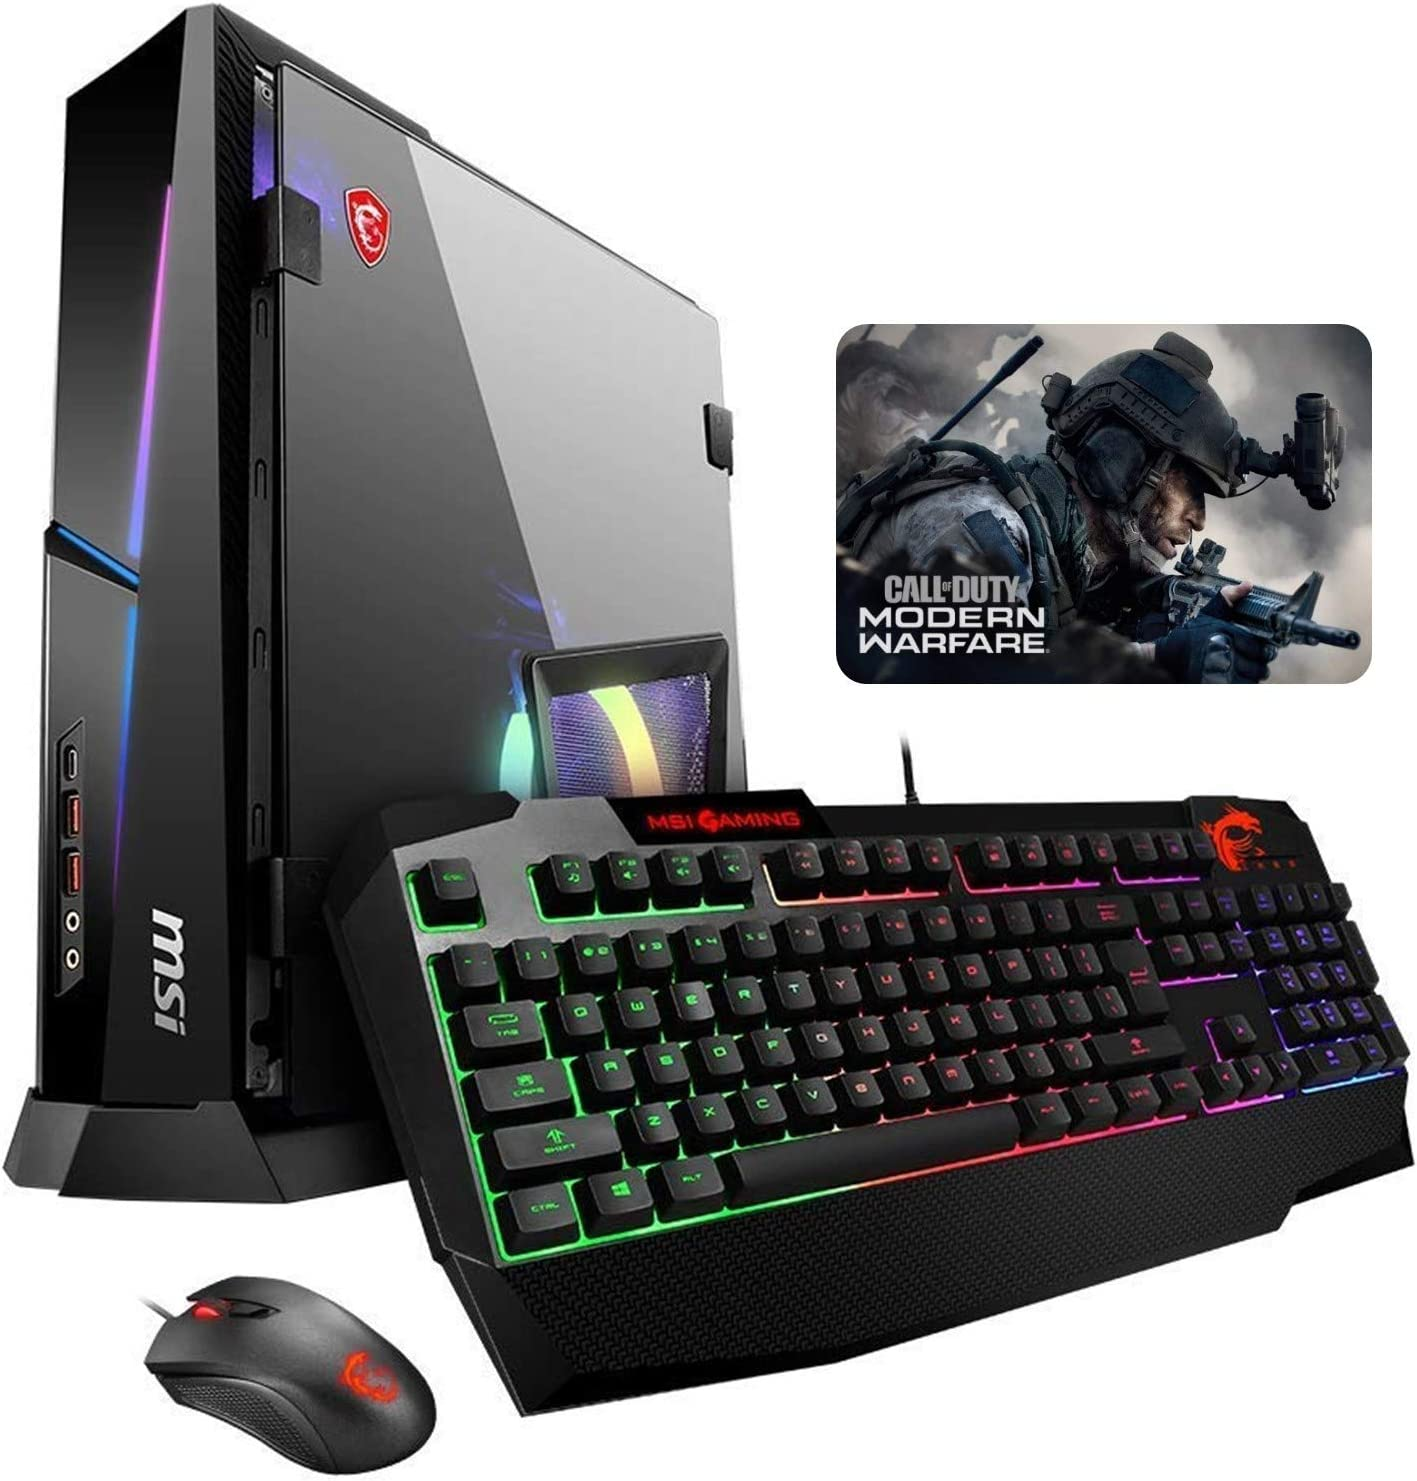 MSI Trident X Plus 9SF-040US i7-9700K, 16GB RAM, 512GB NVMe SSD 2TB HDD, NVIDIA RTX 2080Ti 11GB, Windows 10 Gaming Desktop